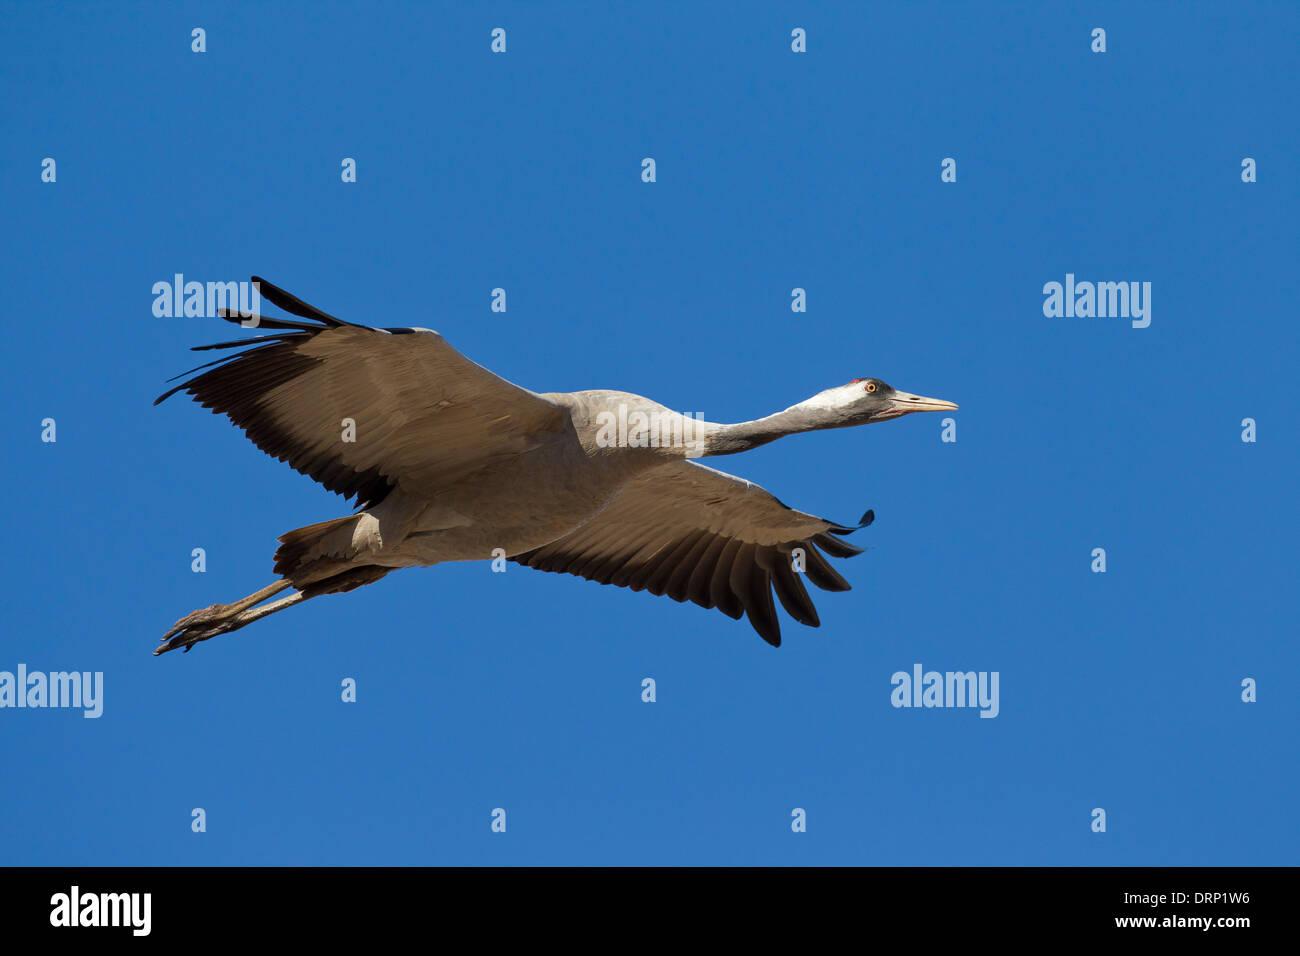 Common Crane / Eurasian Crane (Grus grus) flying against blue sky Stock Photo